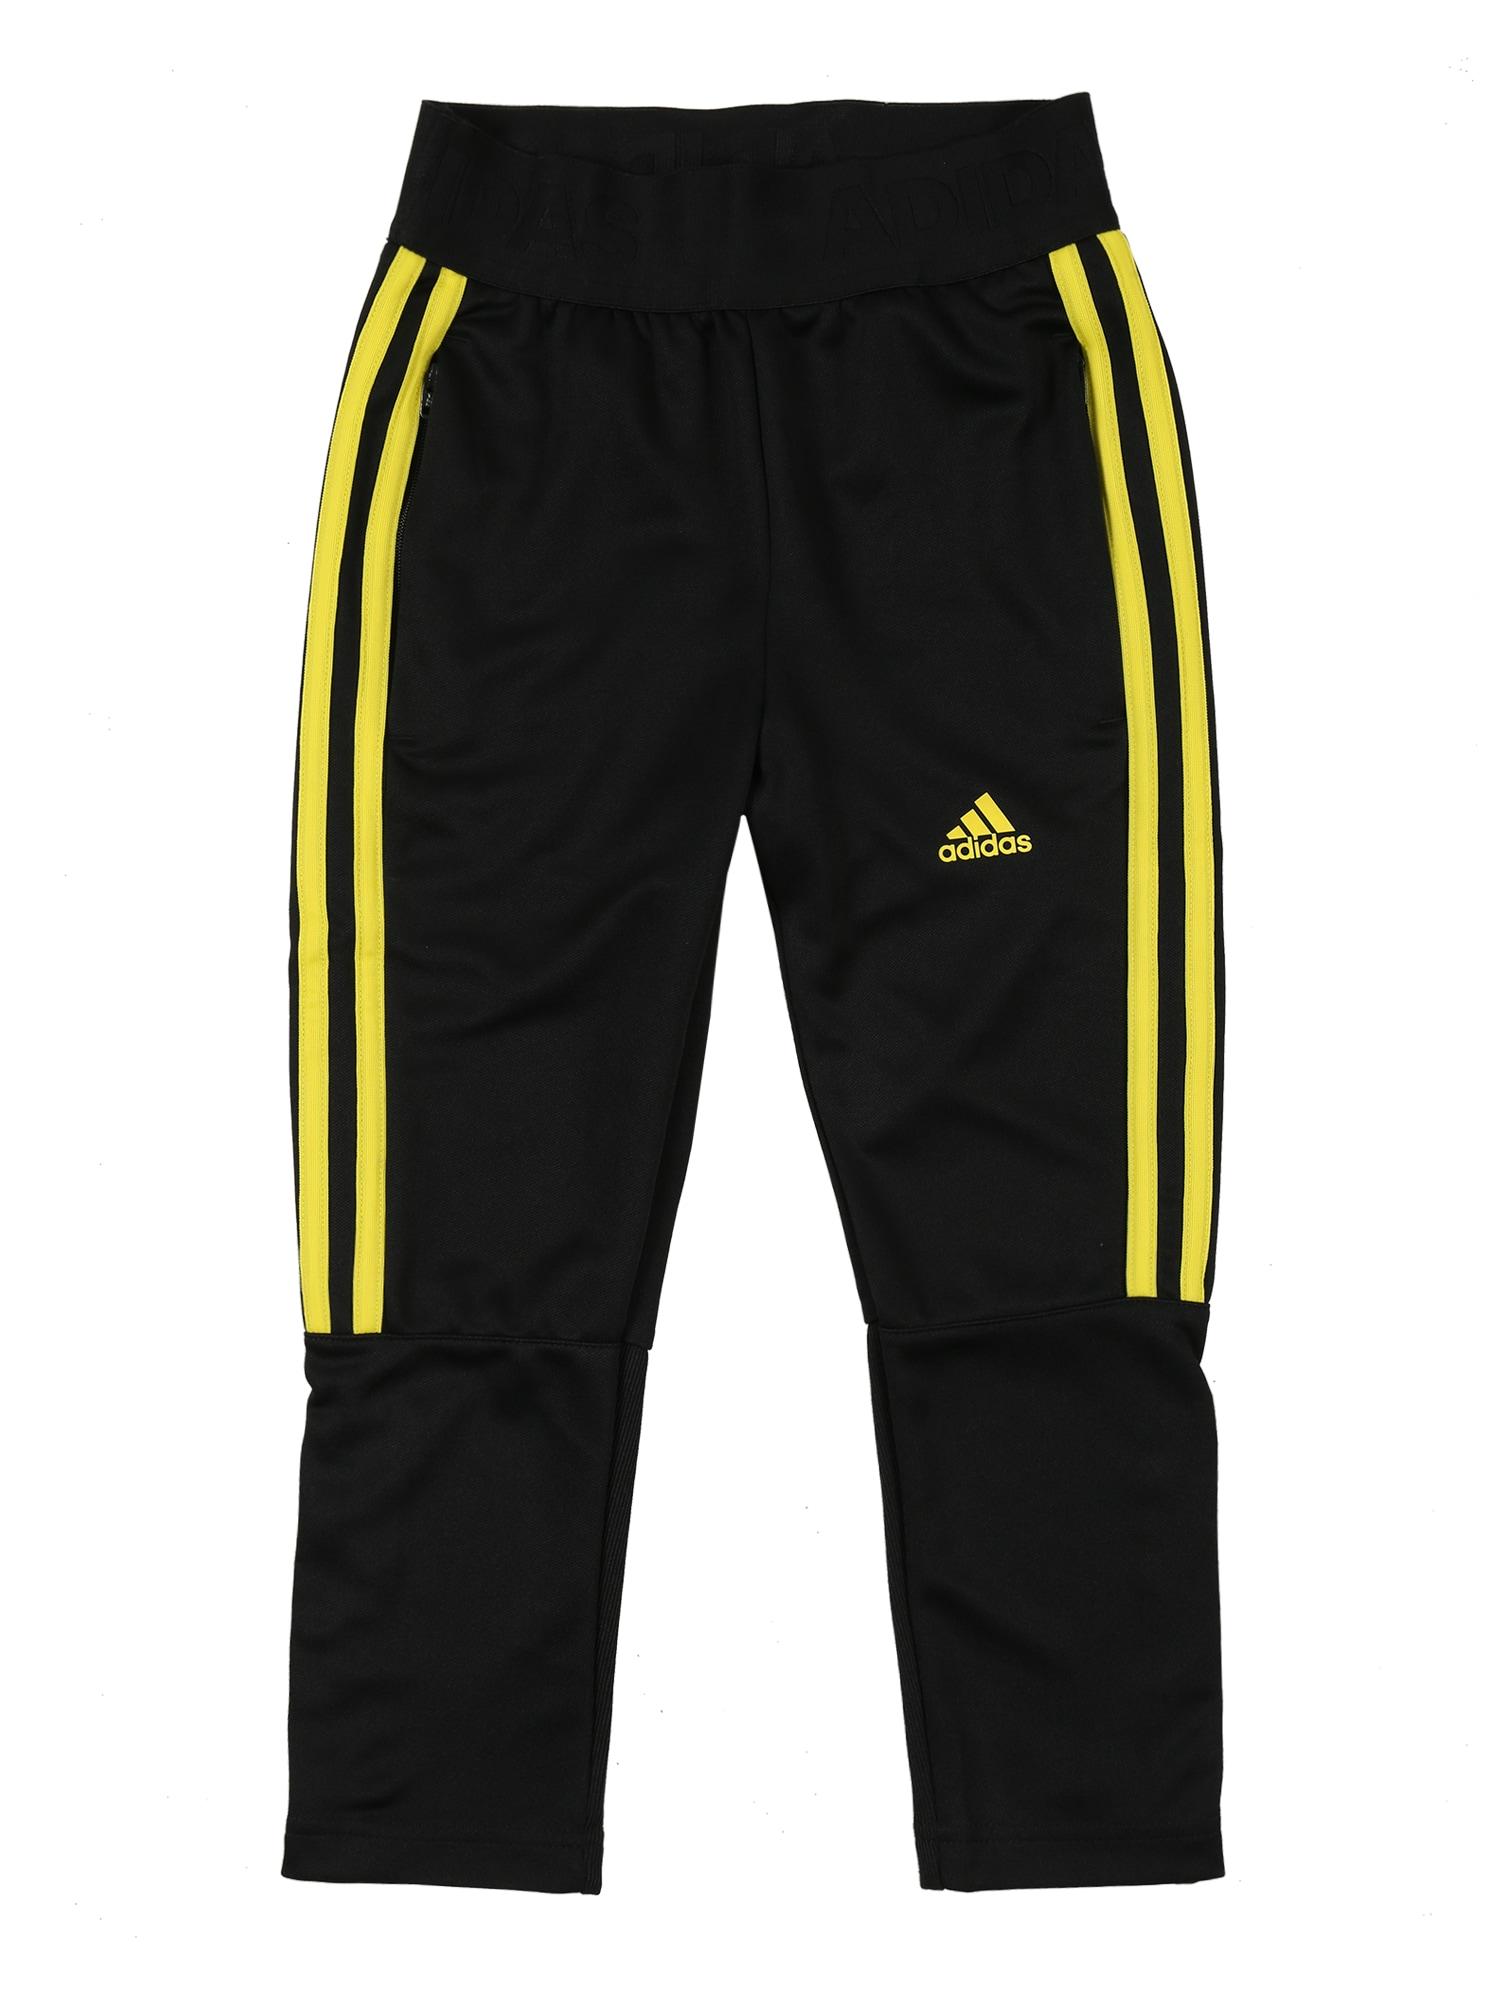 ADIDAS PERFORMANCE Športové nohavice 'TIRO'  čierna / žlté